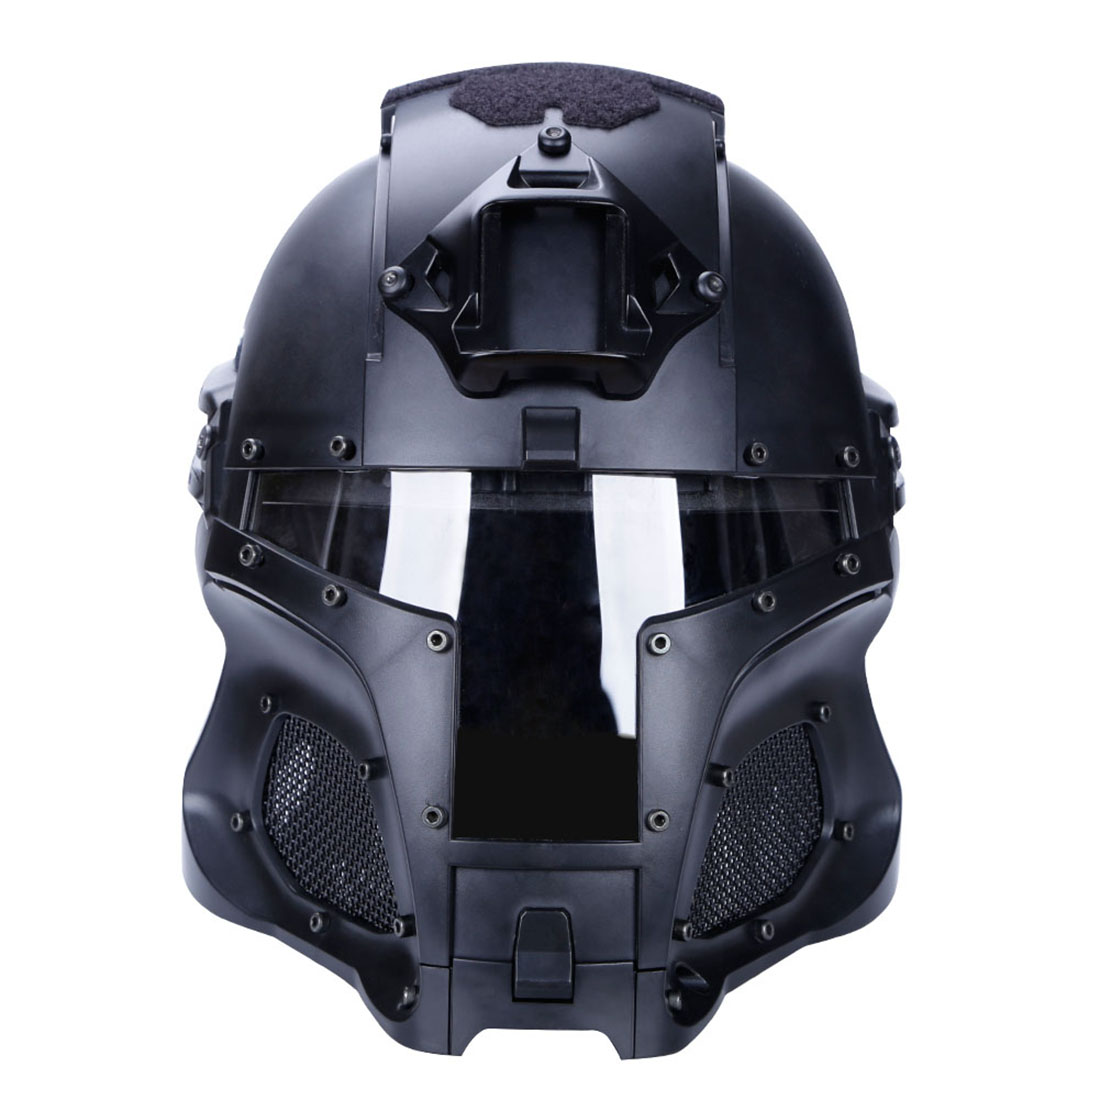 WST Casque Airsoft Paintball FC Game Masque Tactique de protection extérieur